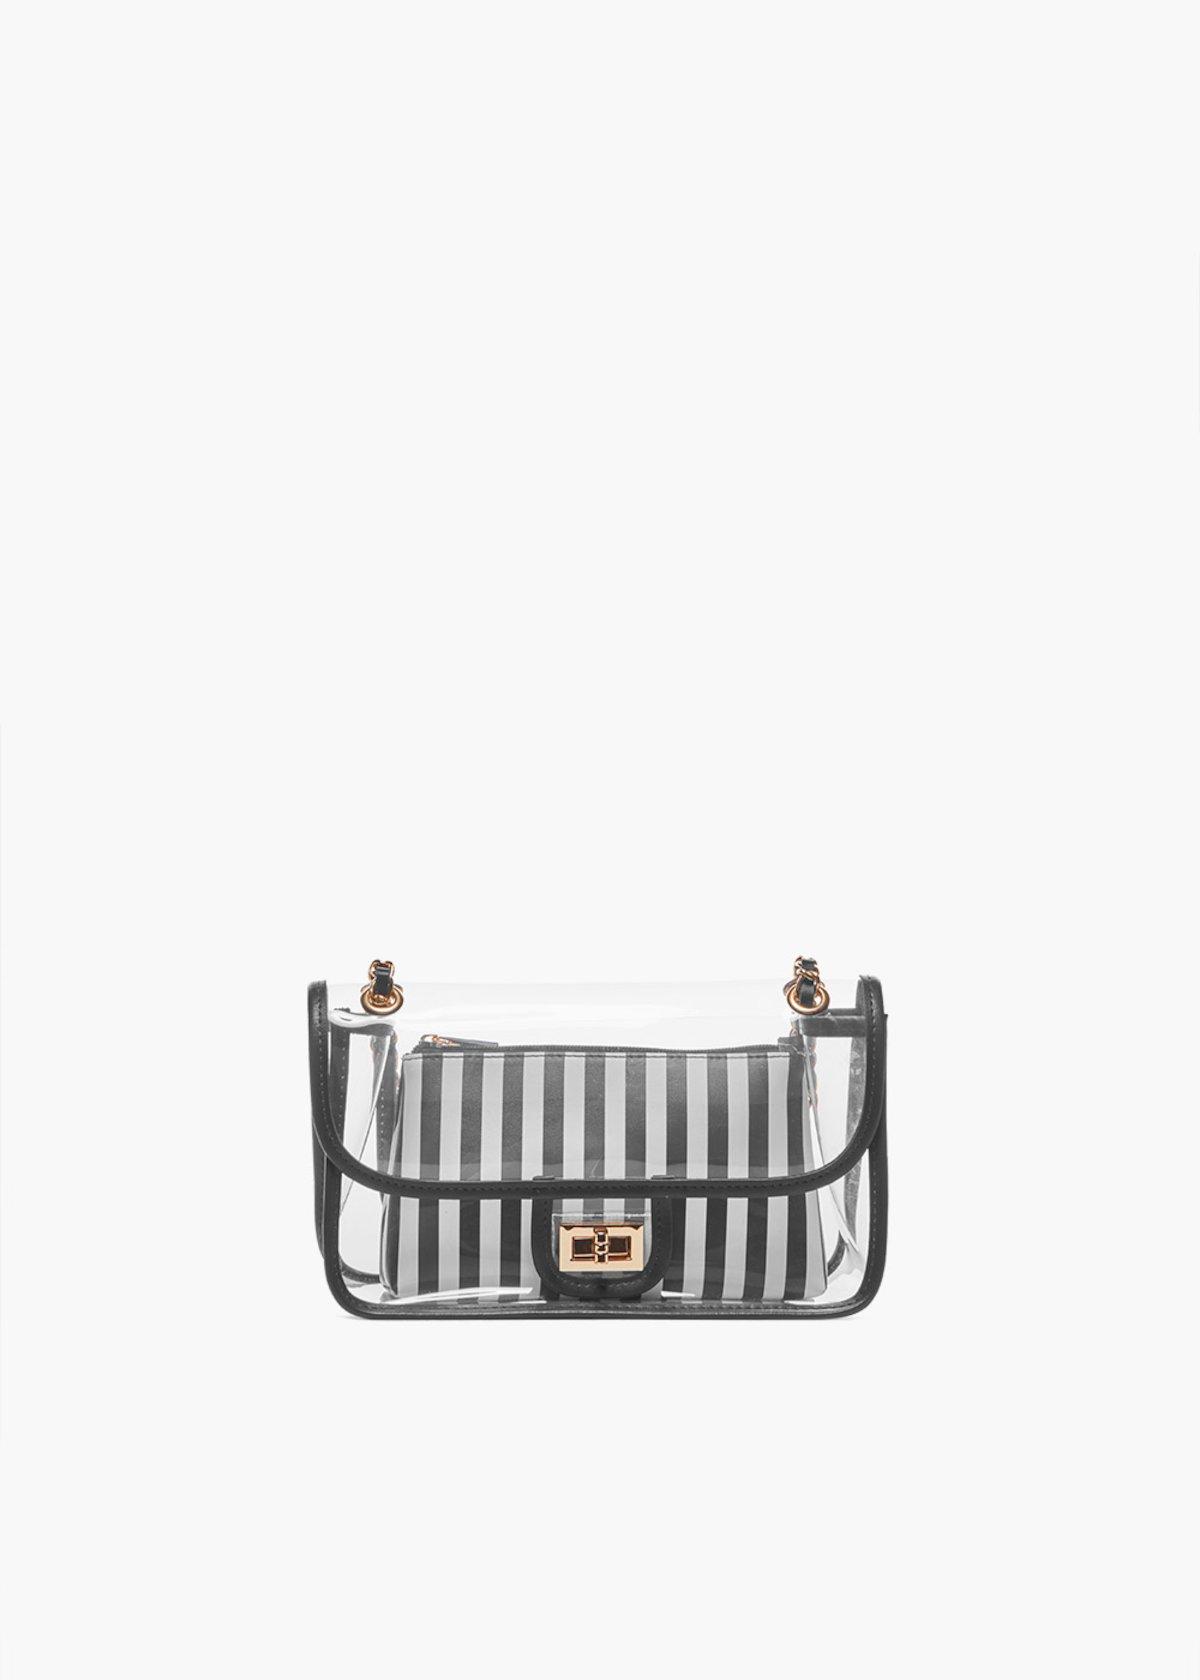 Transparent Bradley shoulder bag - Black / White Stripes - Woman - Category image